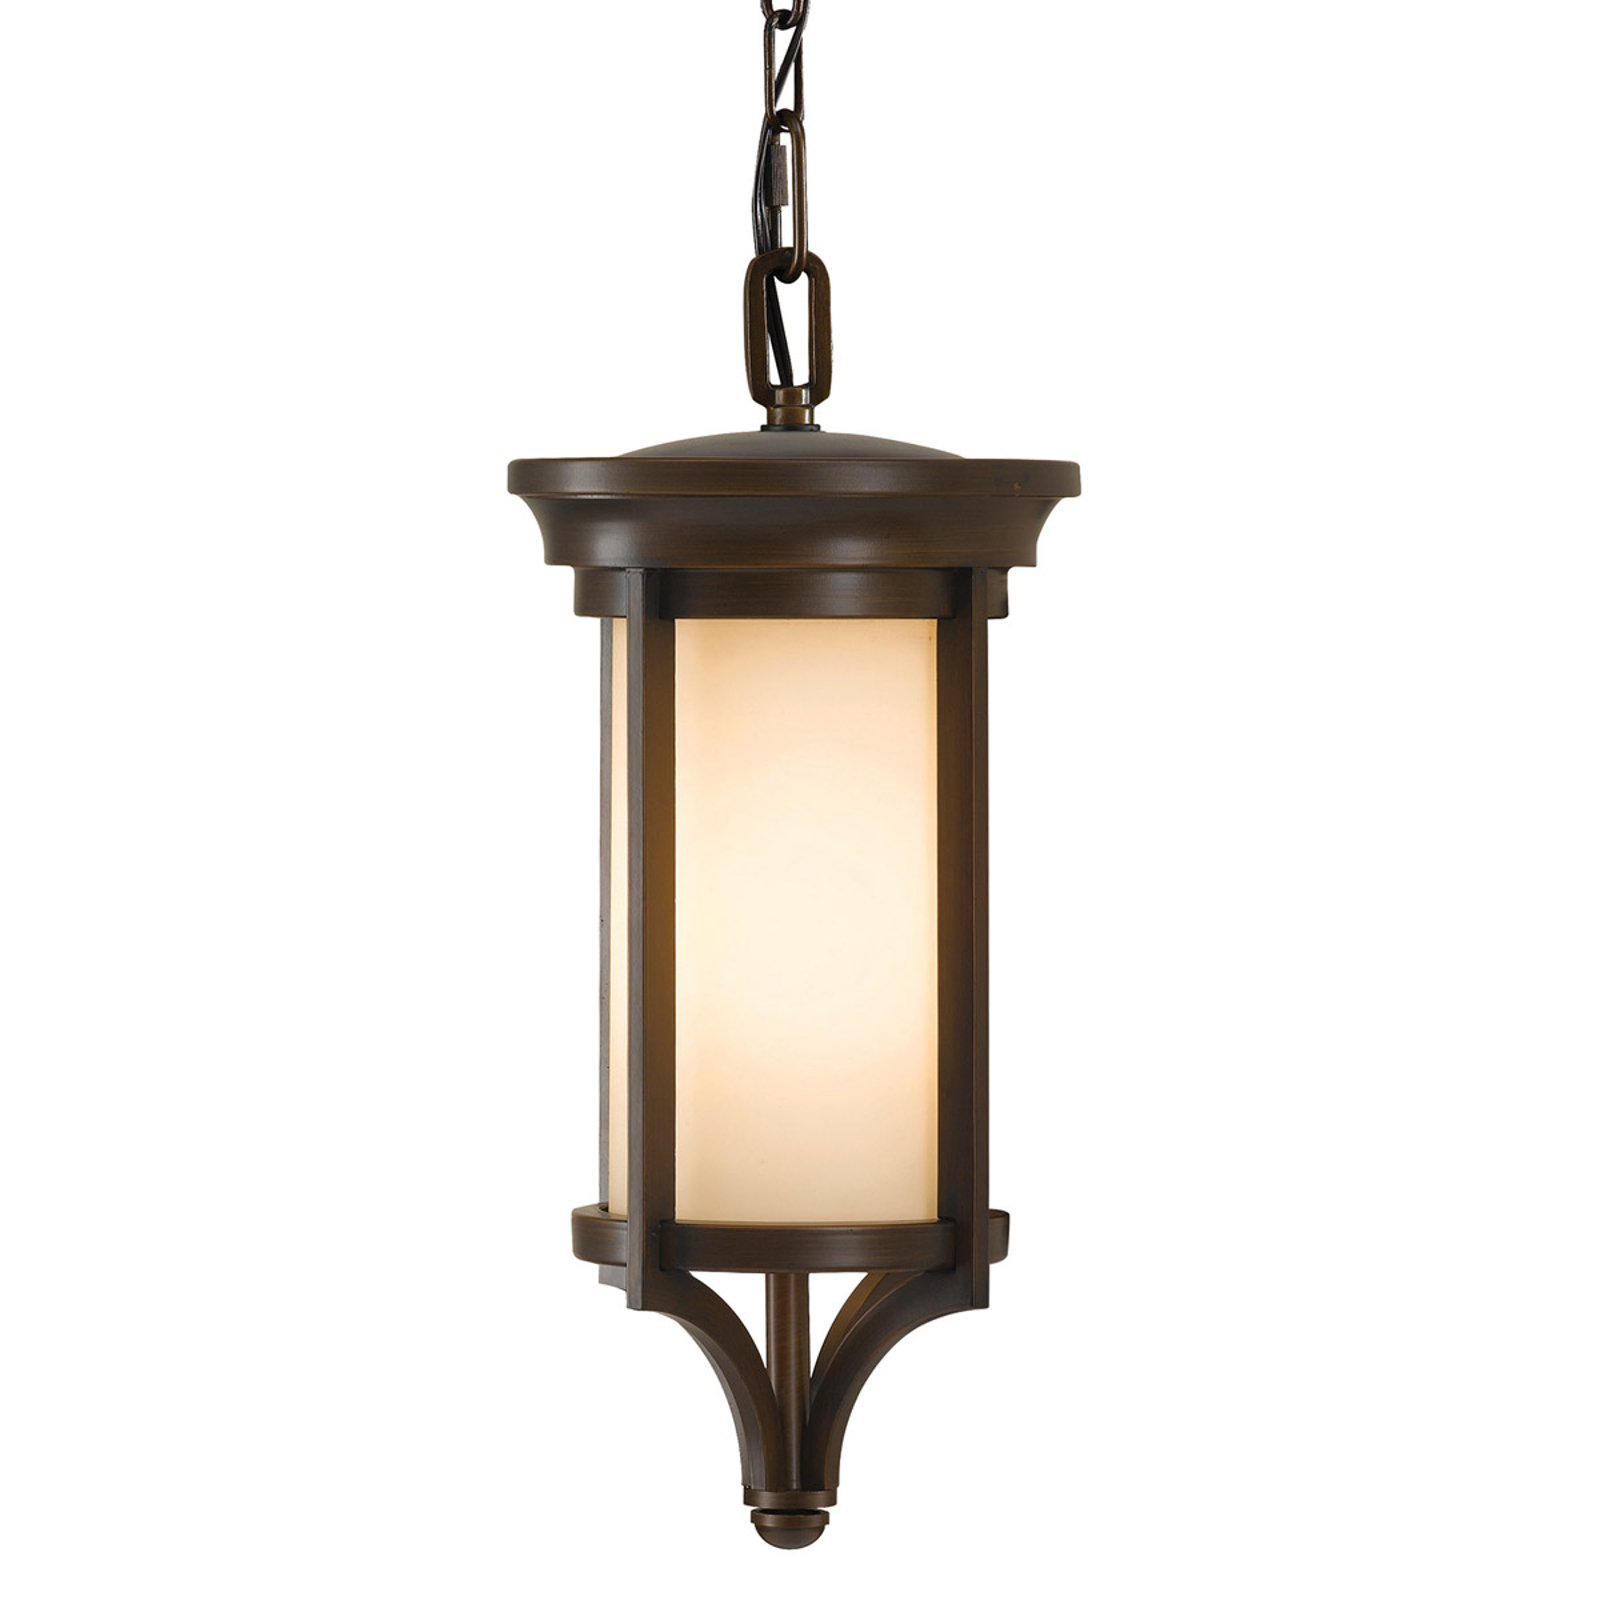 Závesná lampa Merrill do exteriéru v bronzovej_3048370_1